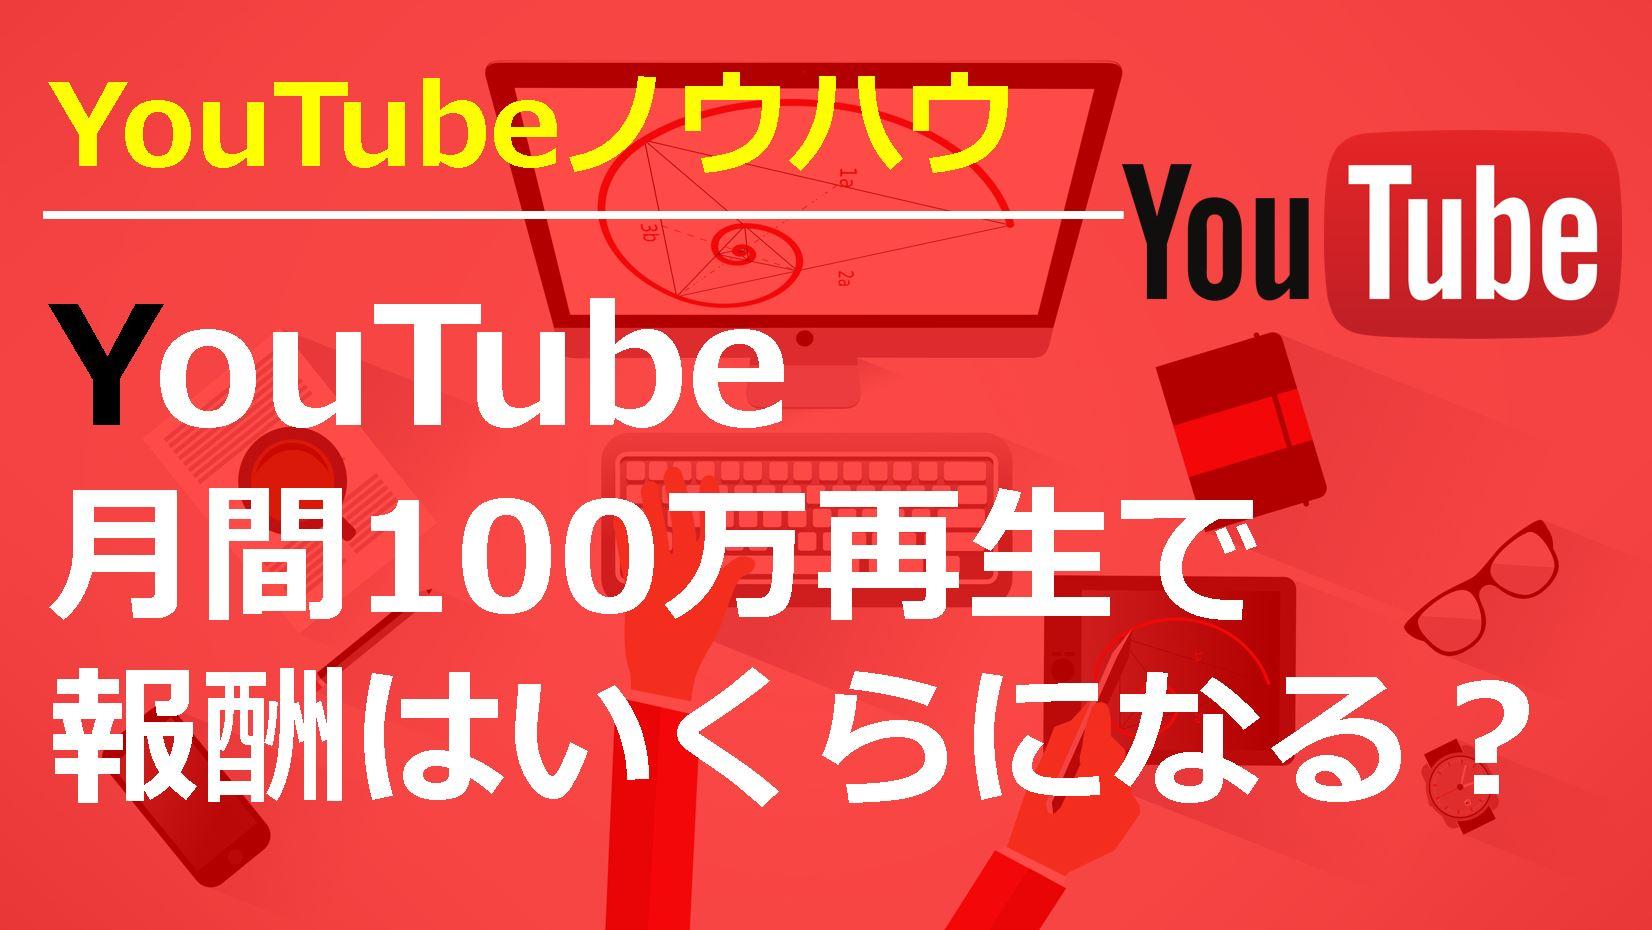 収益 Youtube 再生 回数